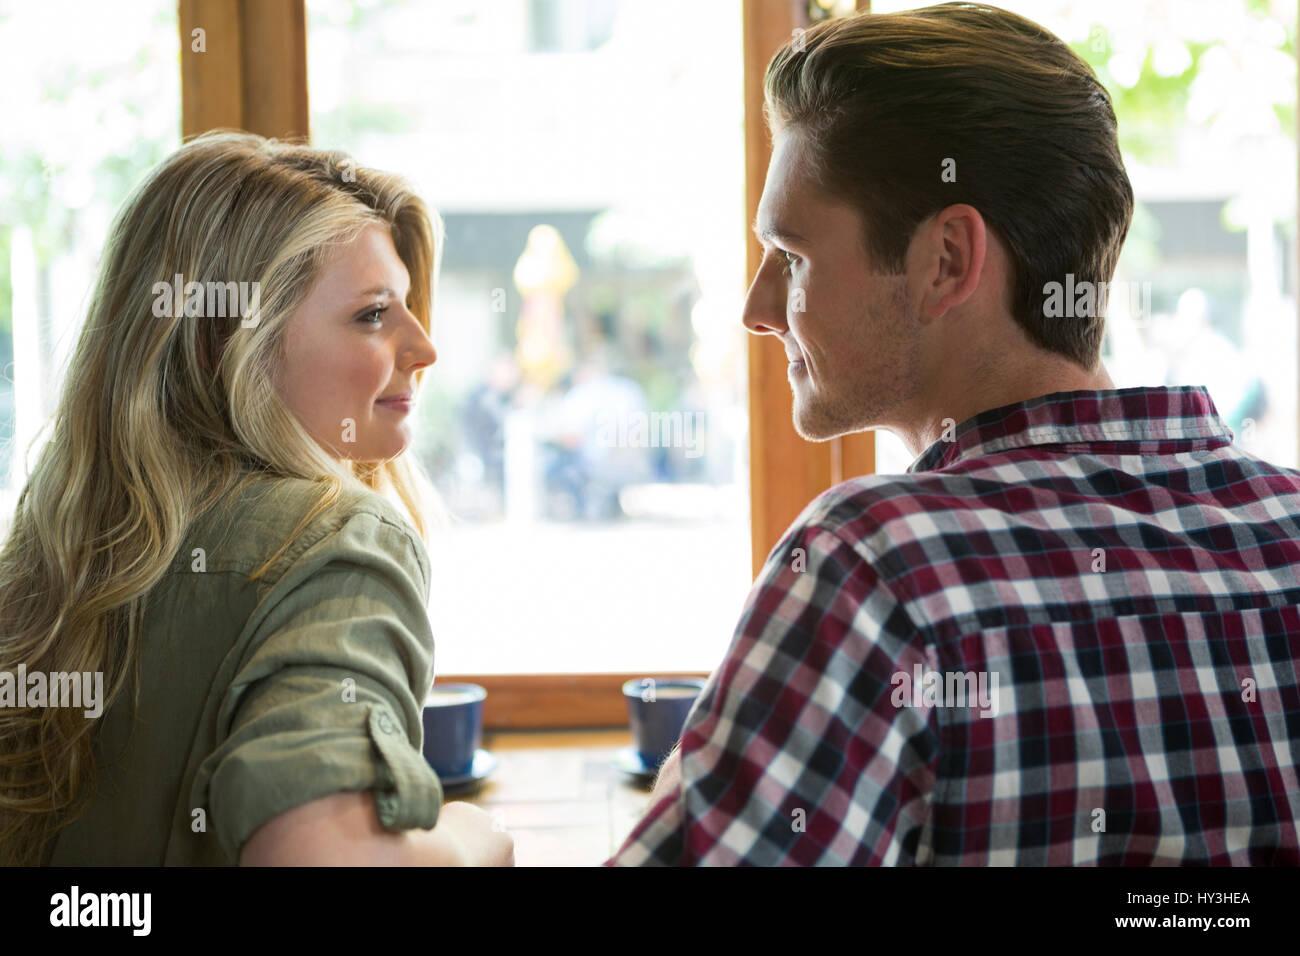 Junges Liebespaar sahen einander im Kaffeehaus Stockbild